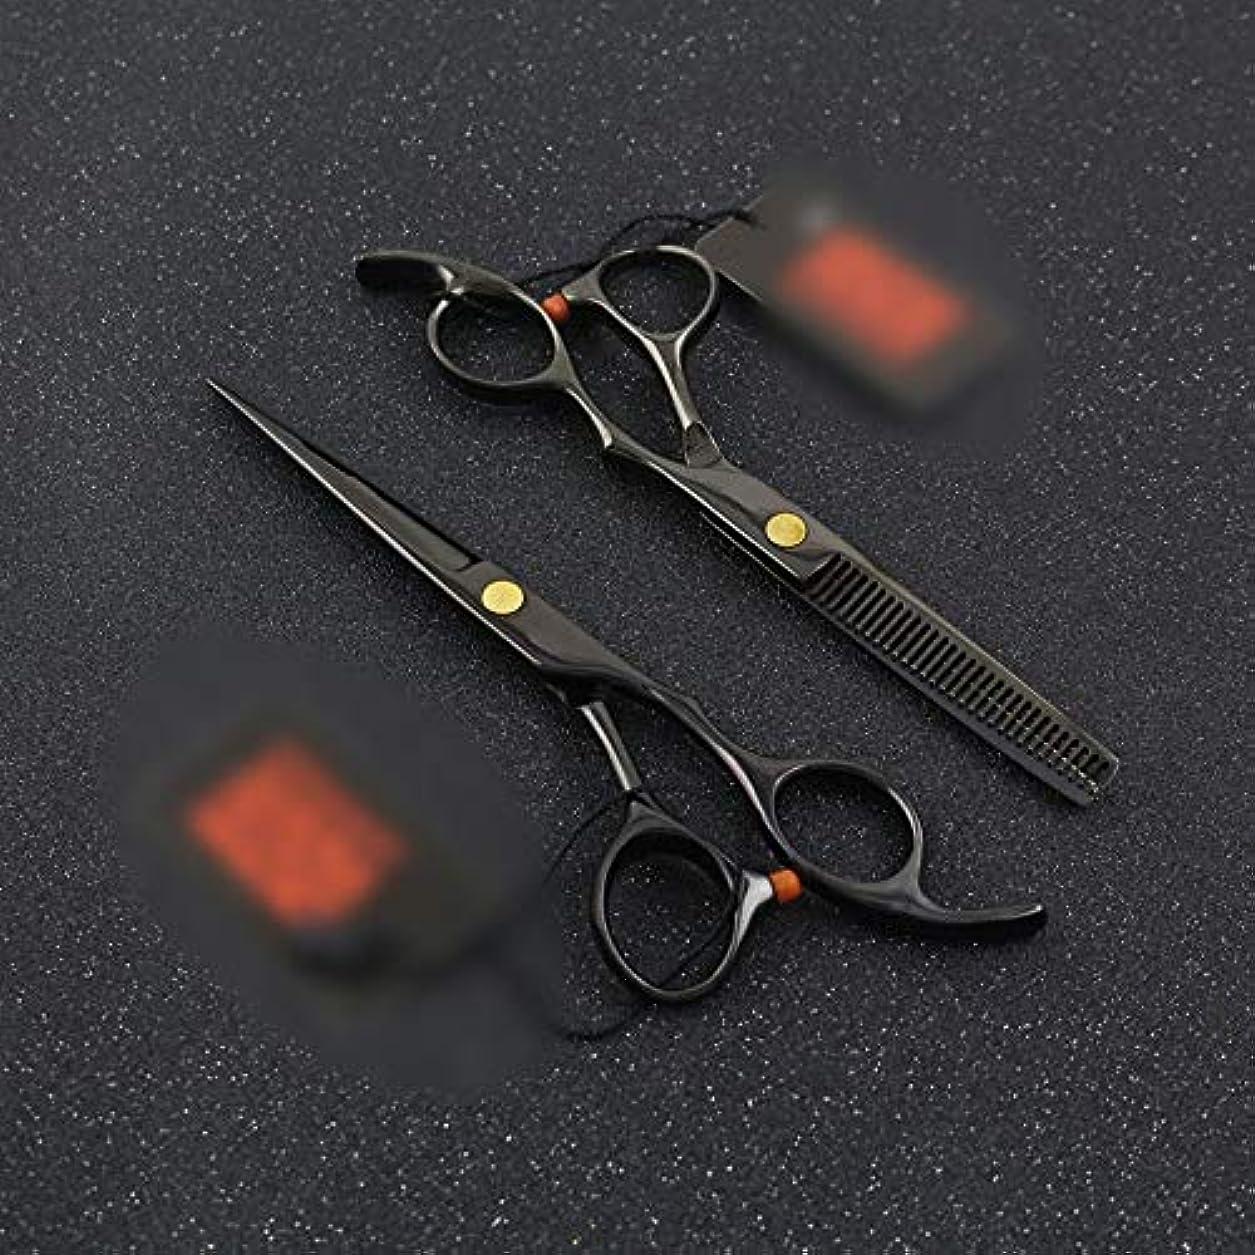 Goodsok-jp 6.0インチ黒はさみ、フラットはさみ歯せん断理髪はさみツールセット (色 : 黒)